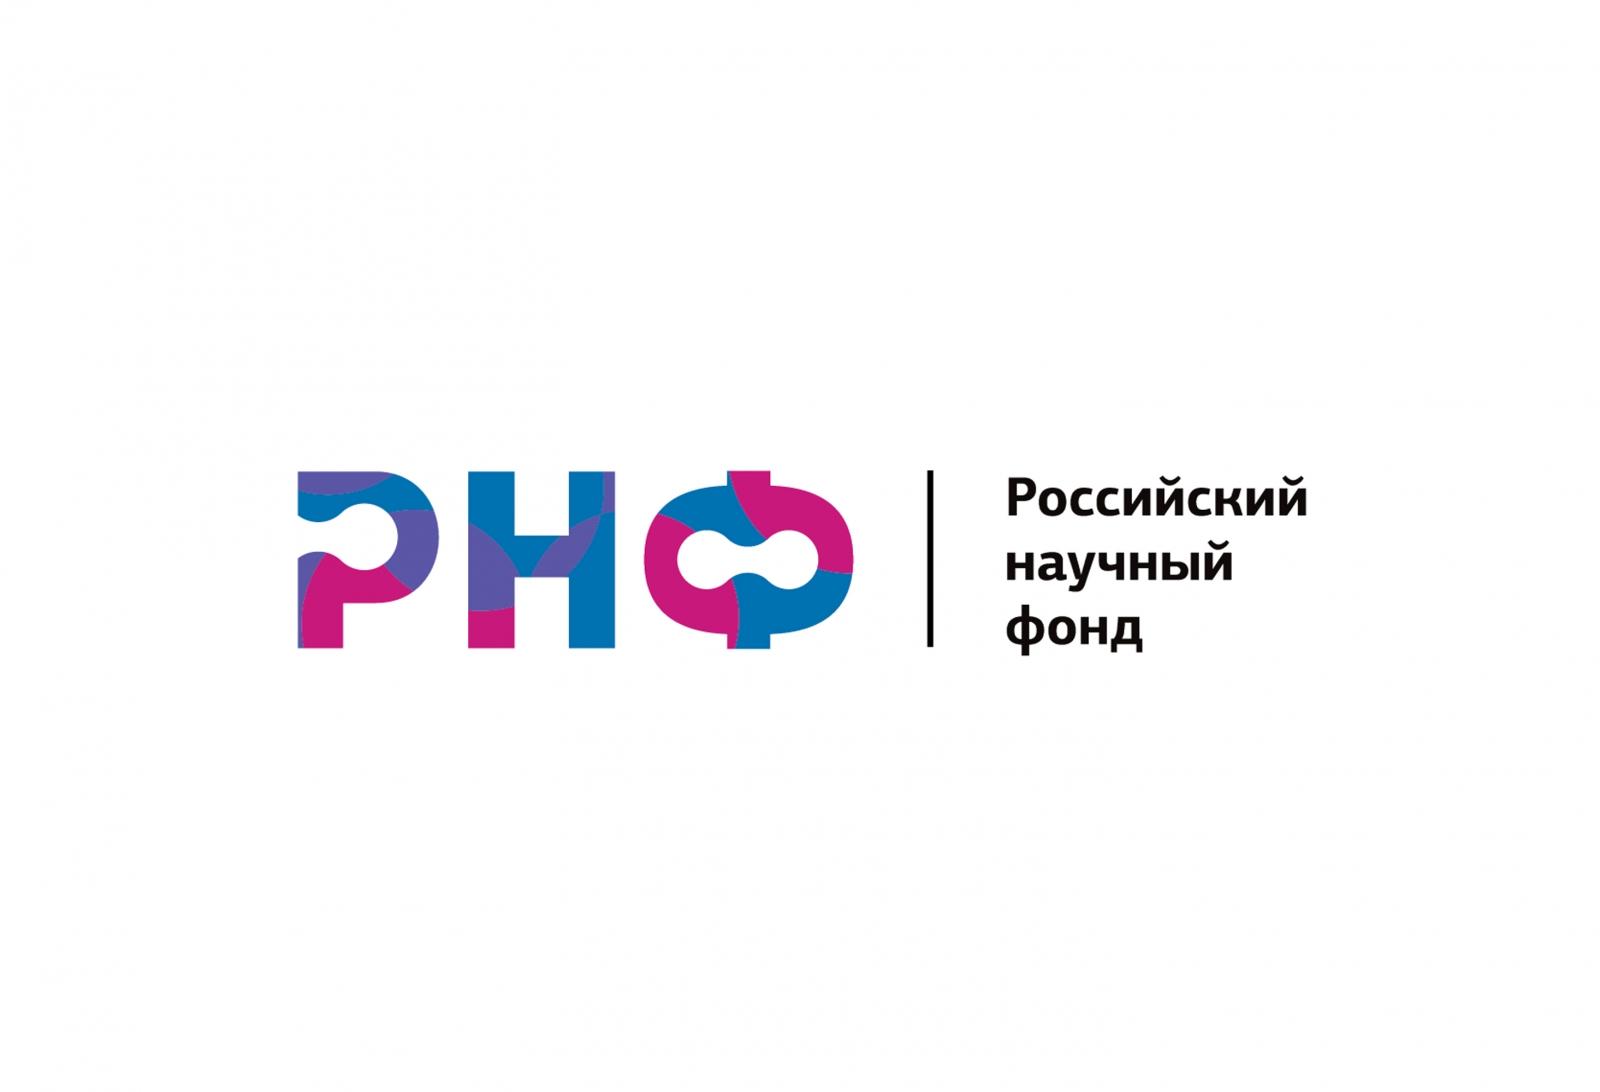 Конкурс на продление сроков выполнения проектов, поддержанных грантами Российского научного фонда в 2019 году  «Проведение фундаментальных научных исследований  и поисковых научных исследований отдельными научными группами»